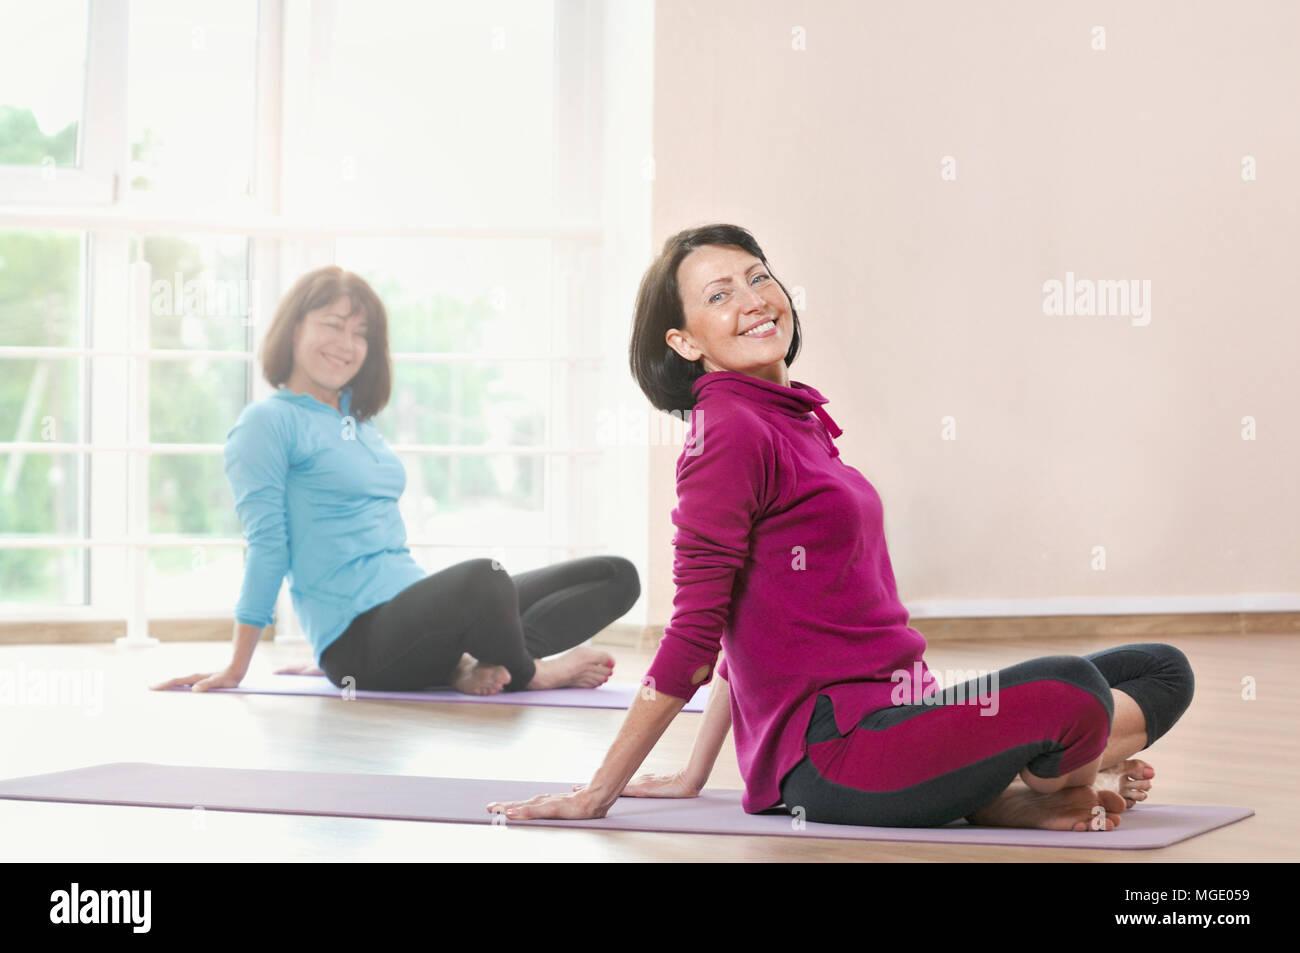 Attiva le donne sportive fare esercizio in palestra. Due donne facendo esercizi di stretching e la pratica dello yoga in studio con grandi finestre su sfondo Foto Stock